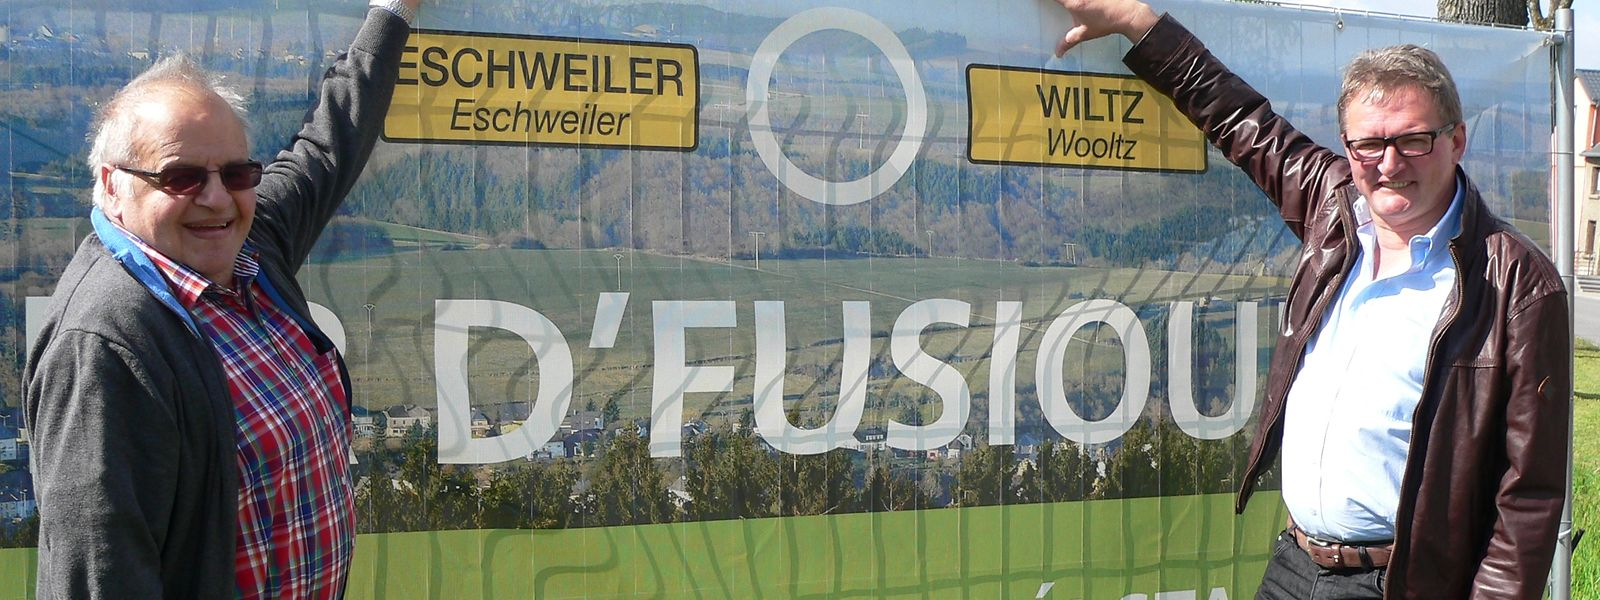 """2014 warben die Bürgermeister aus Wiltz und Eschweiler für """"ihre"""" Fusion."""